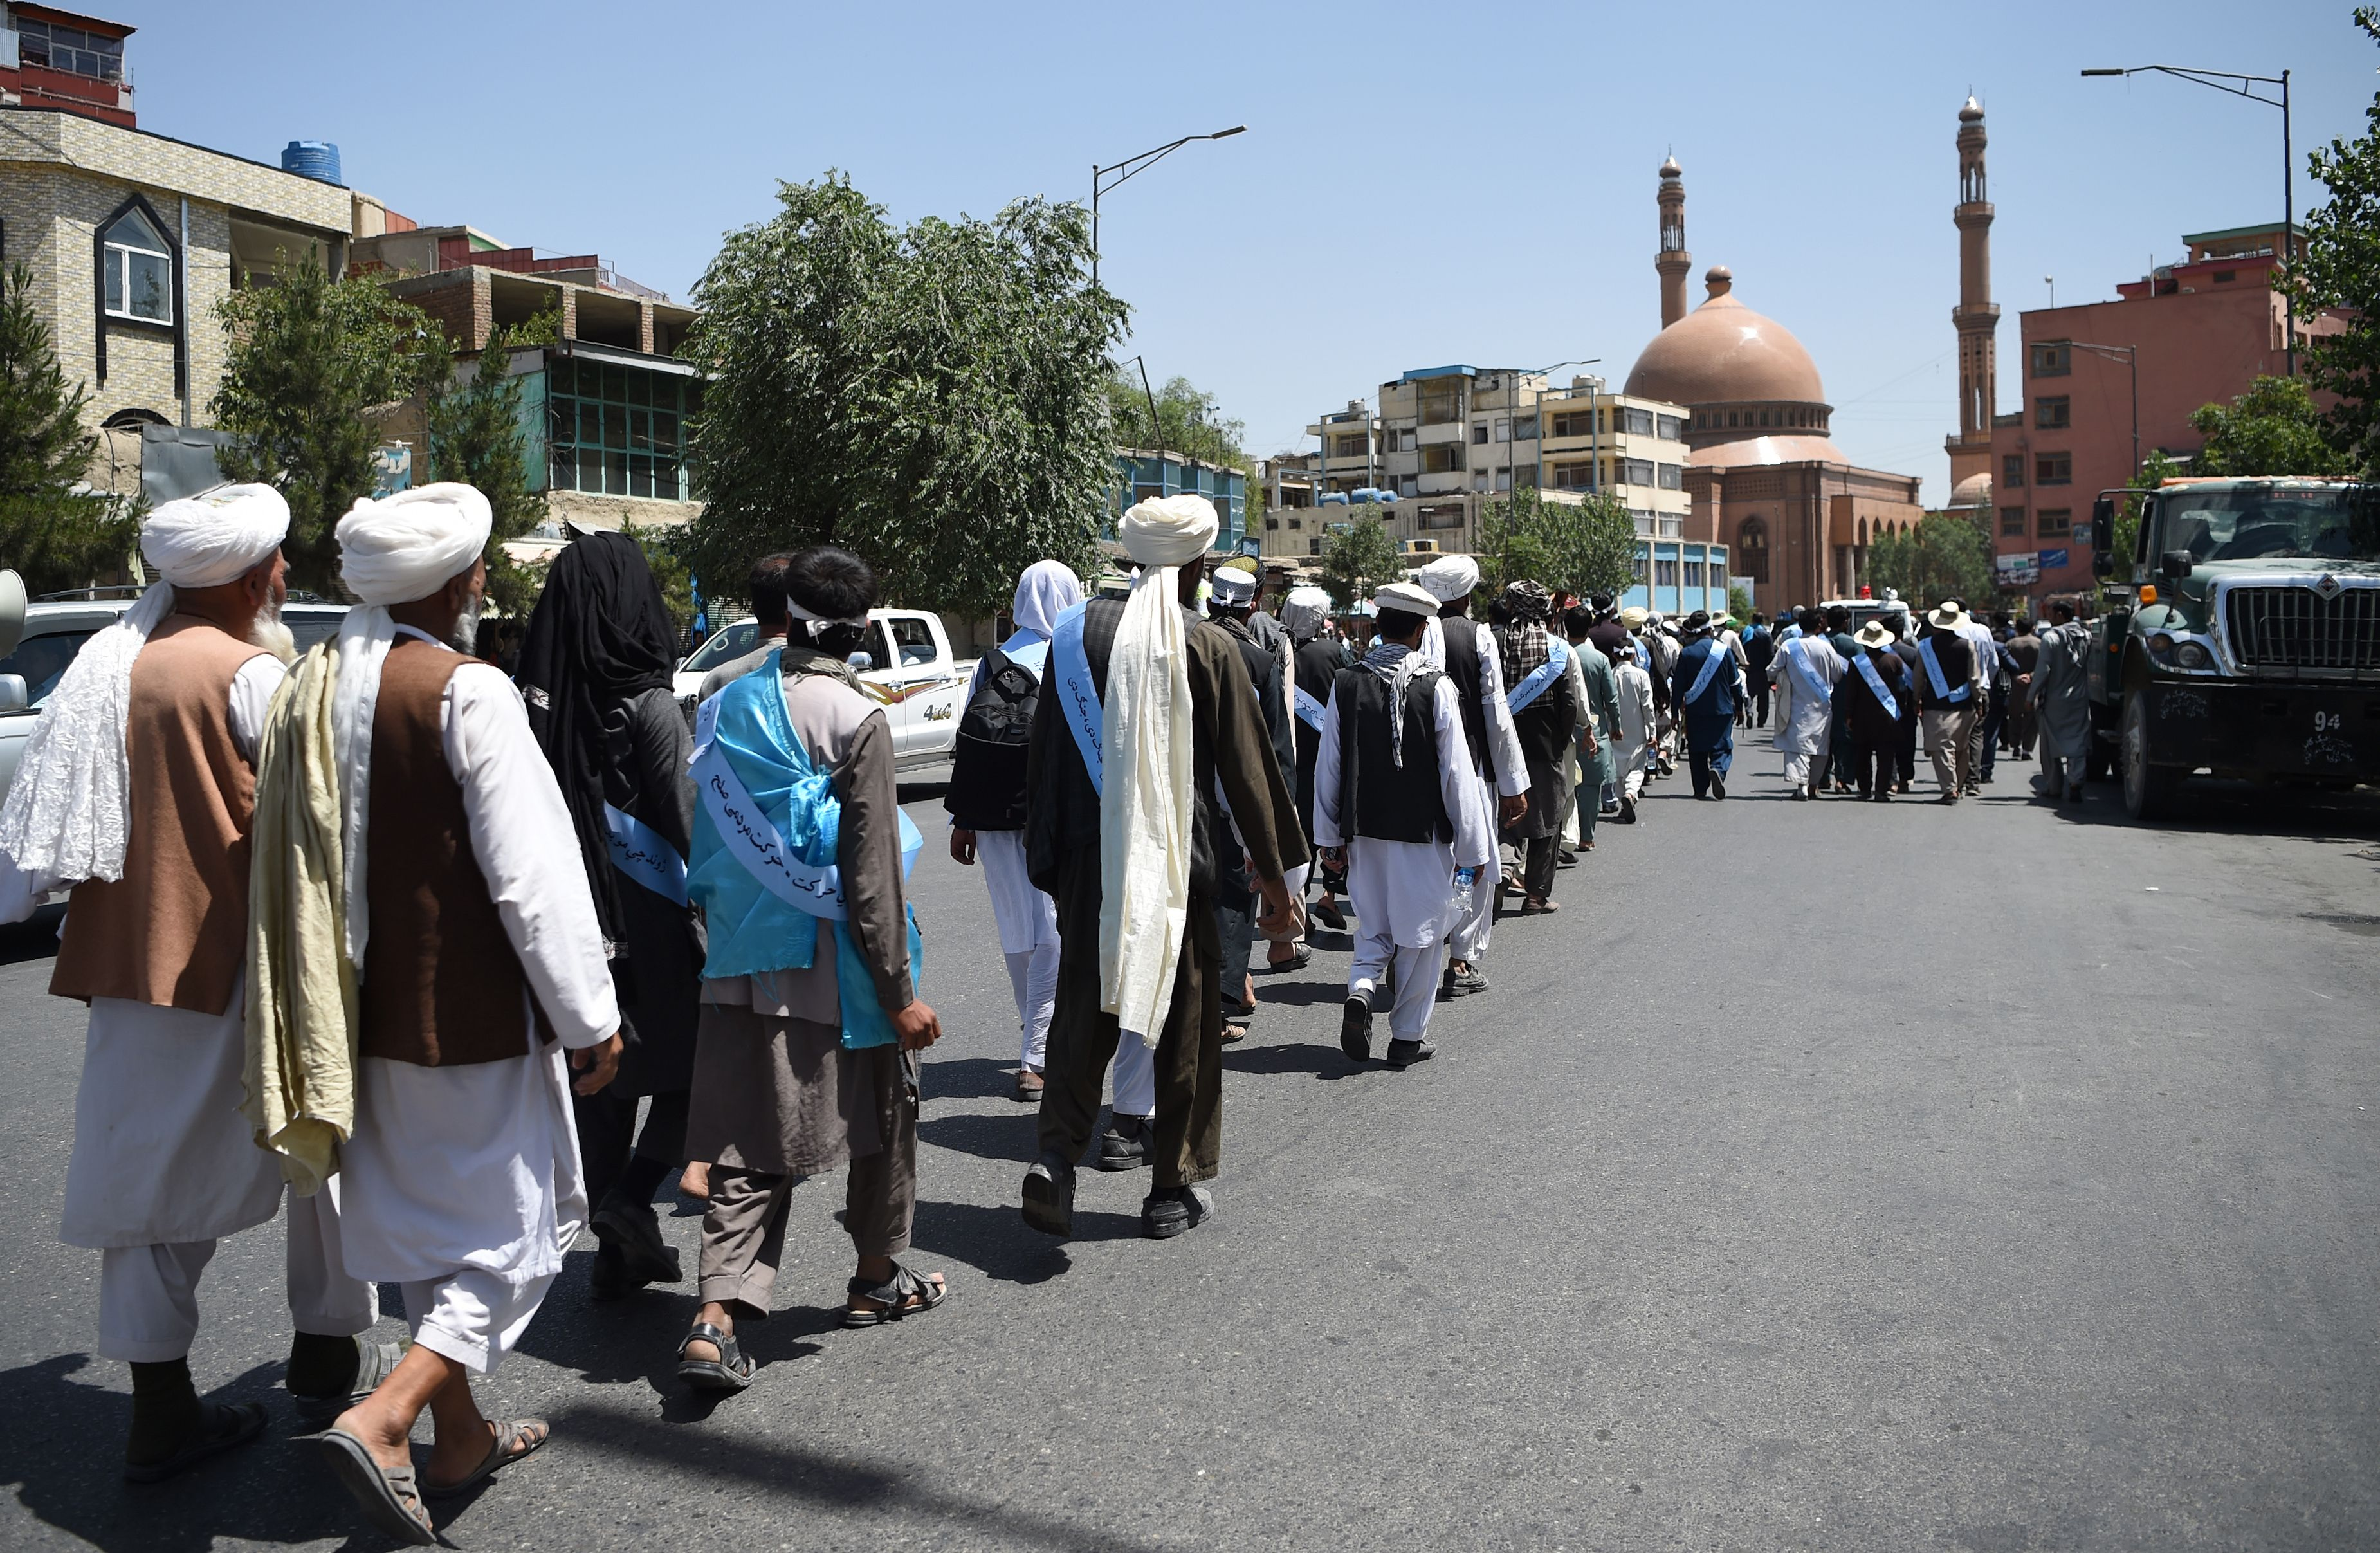 المسيرة تأتى لدعم اقتراح مد وقف إطلاق النار الذى قدمته حكومة الرئيس الأفغانى أشرف غنى